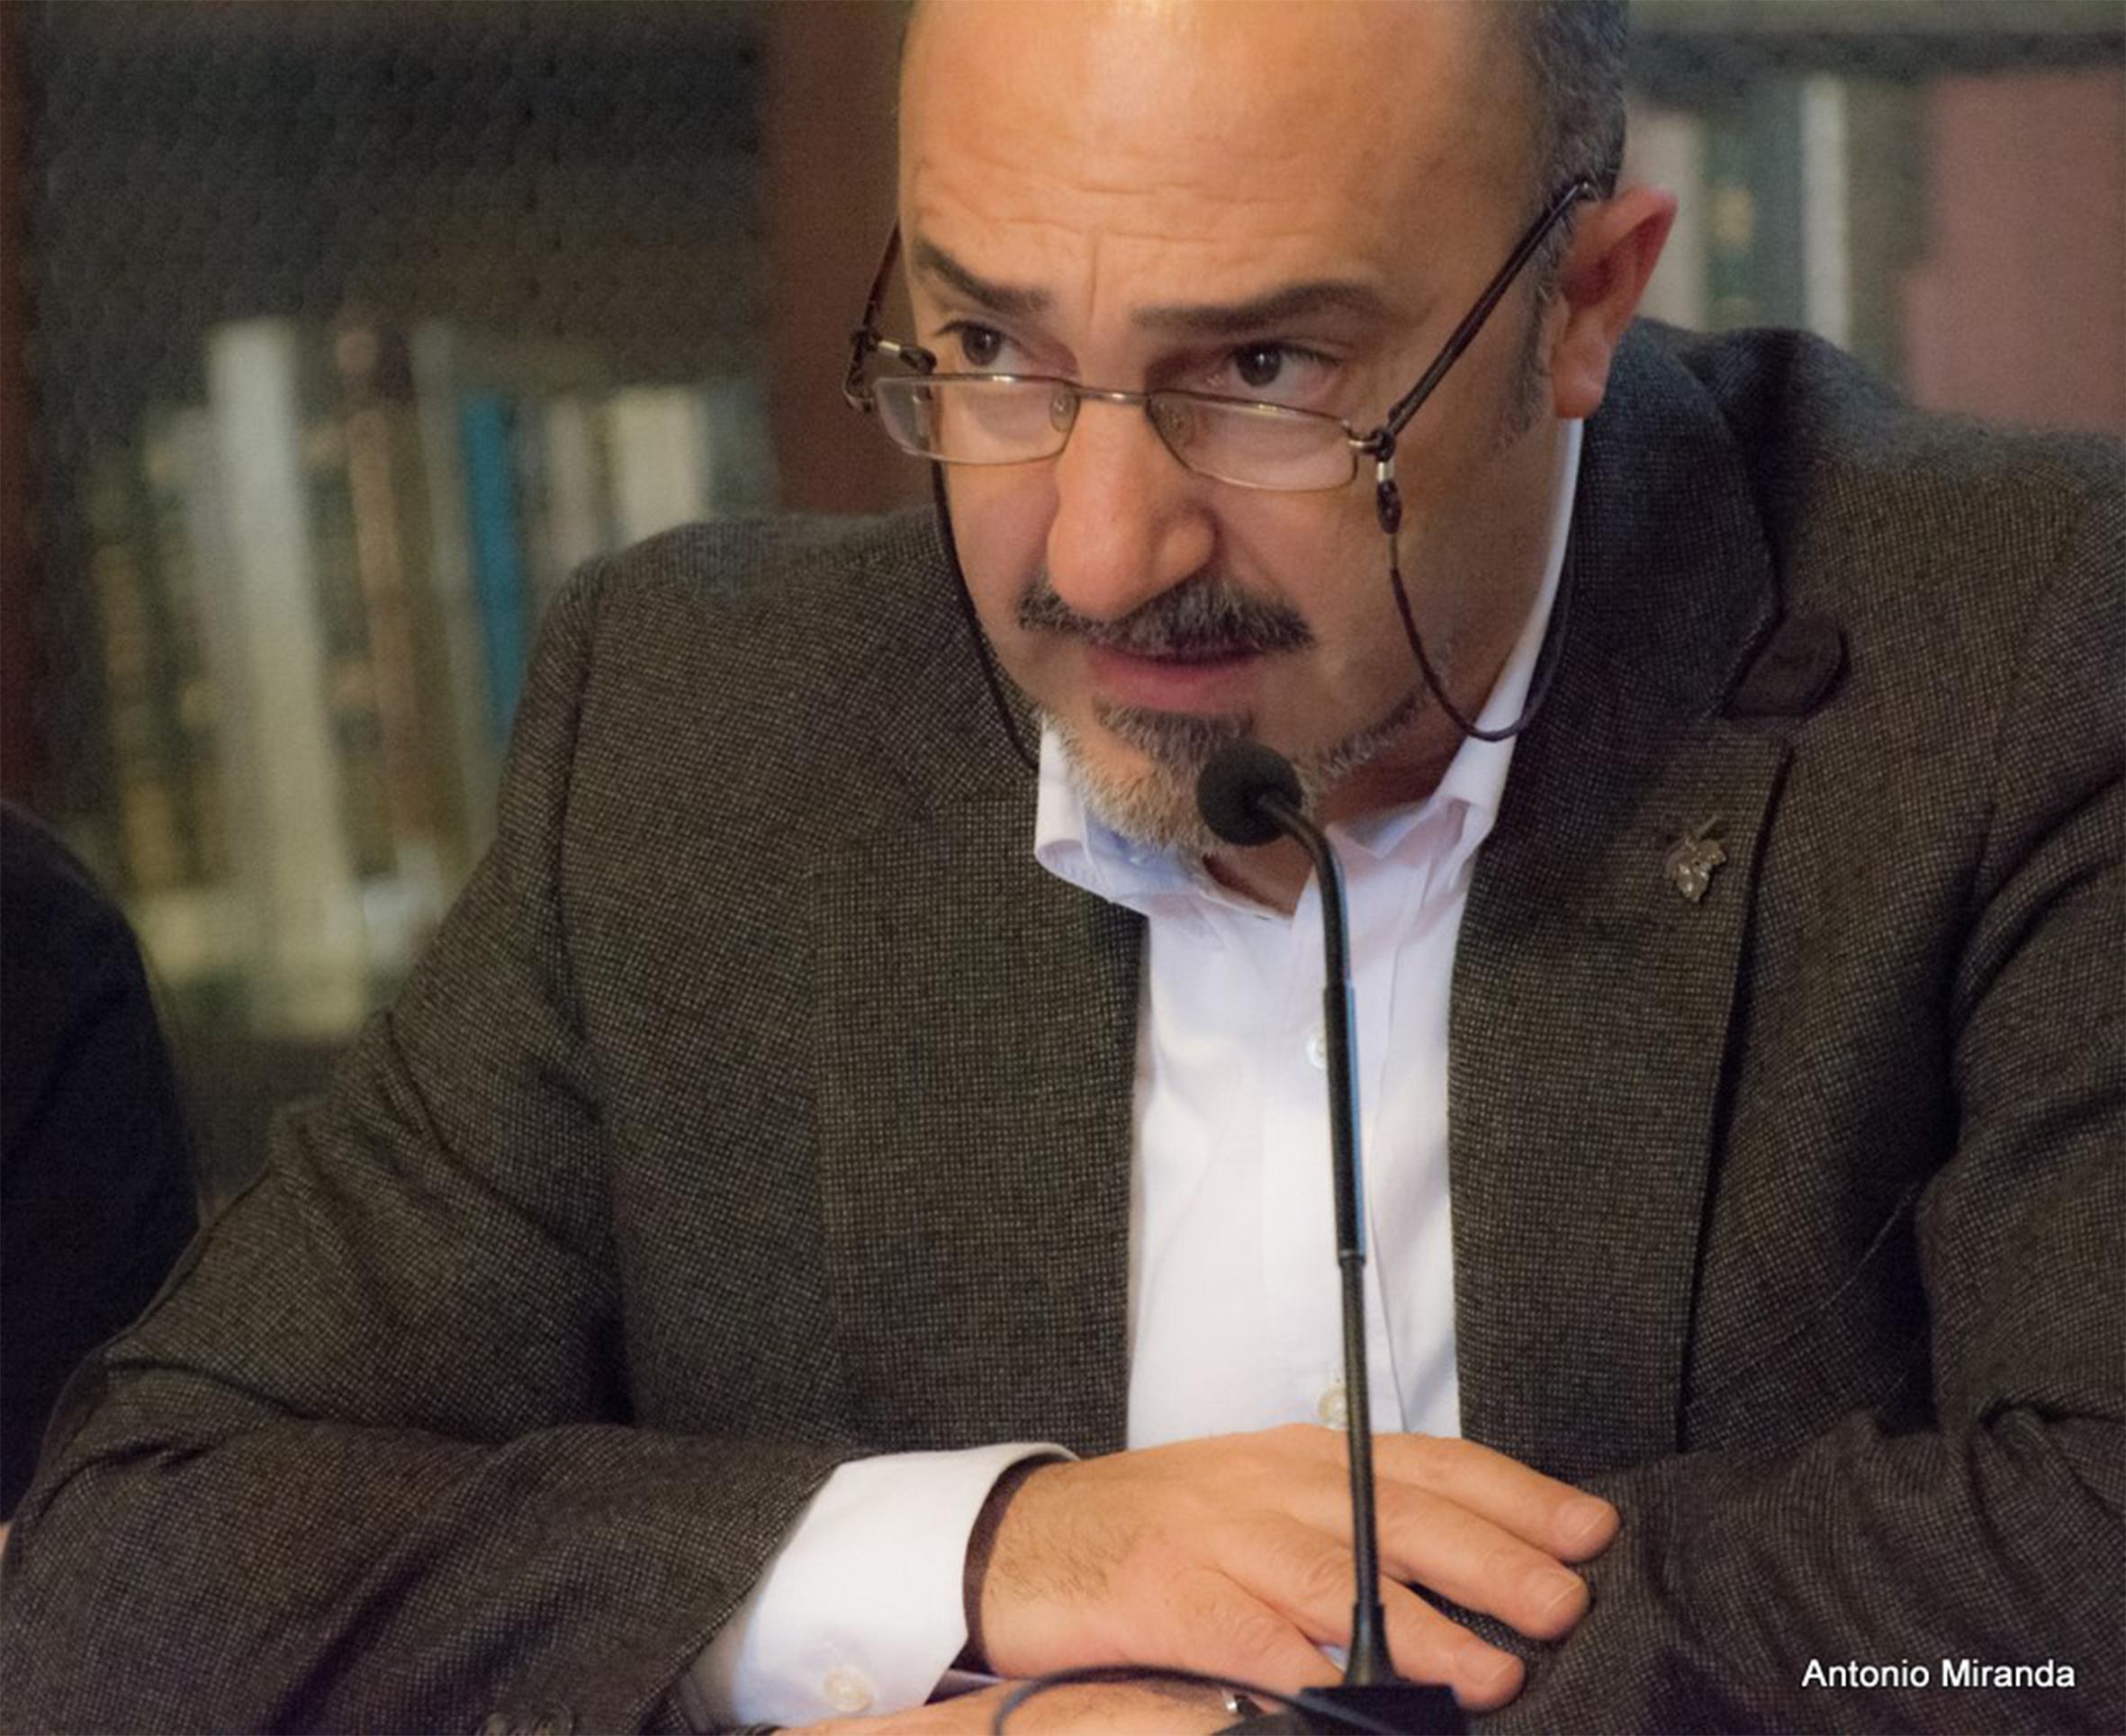 Jerónimo Villena Pareja